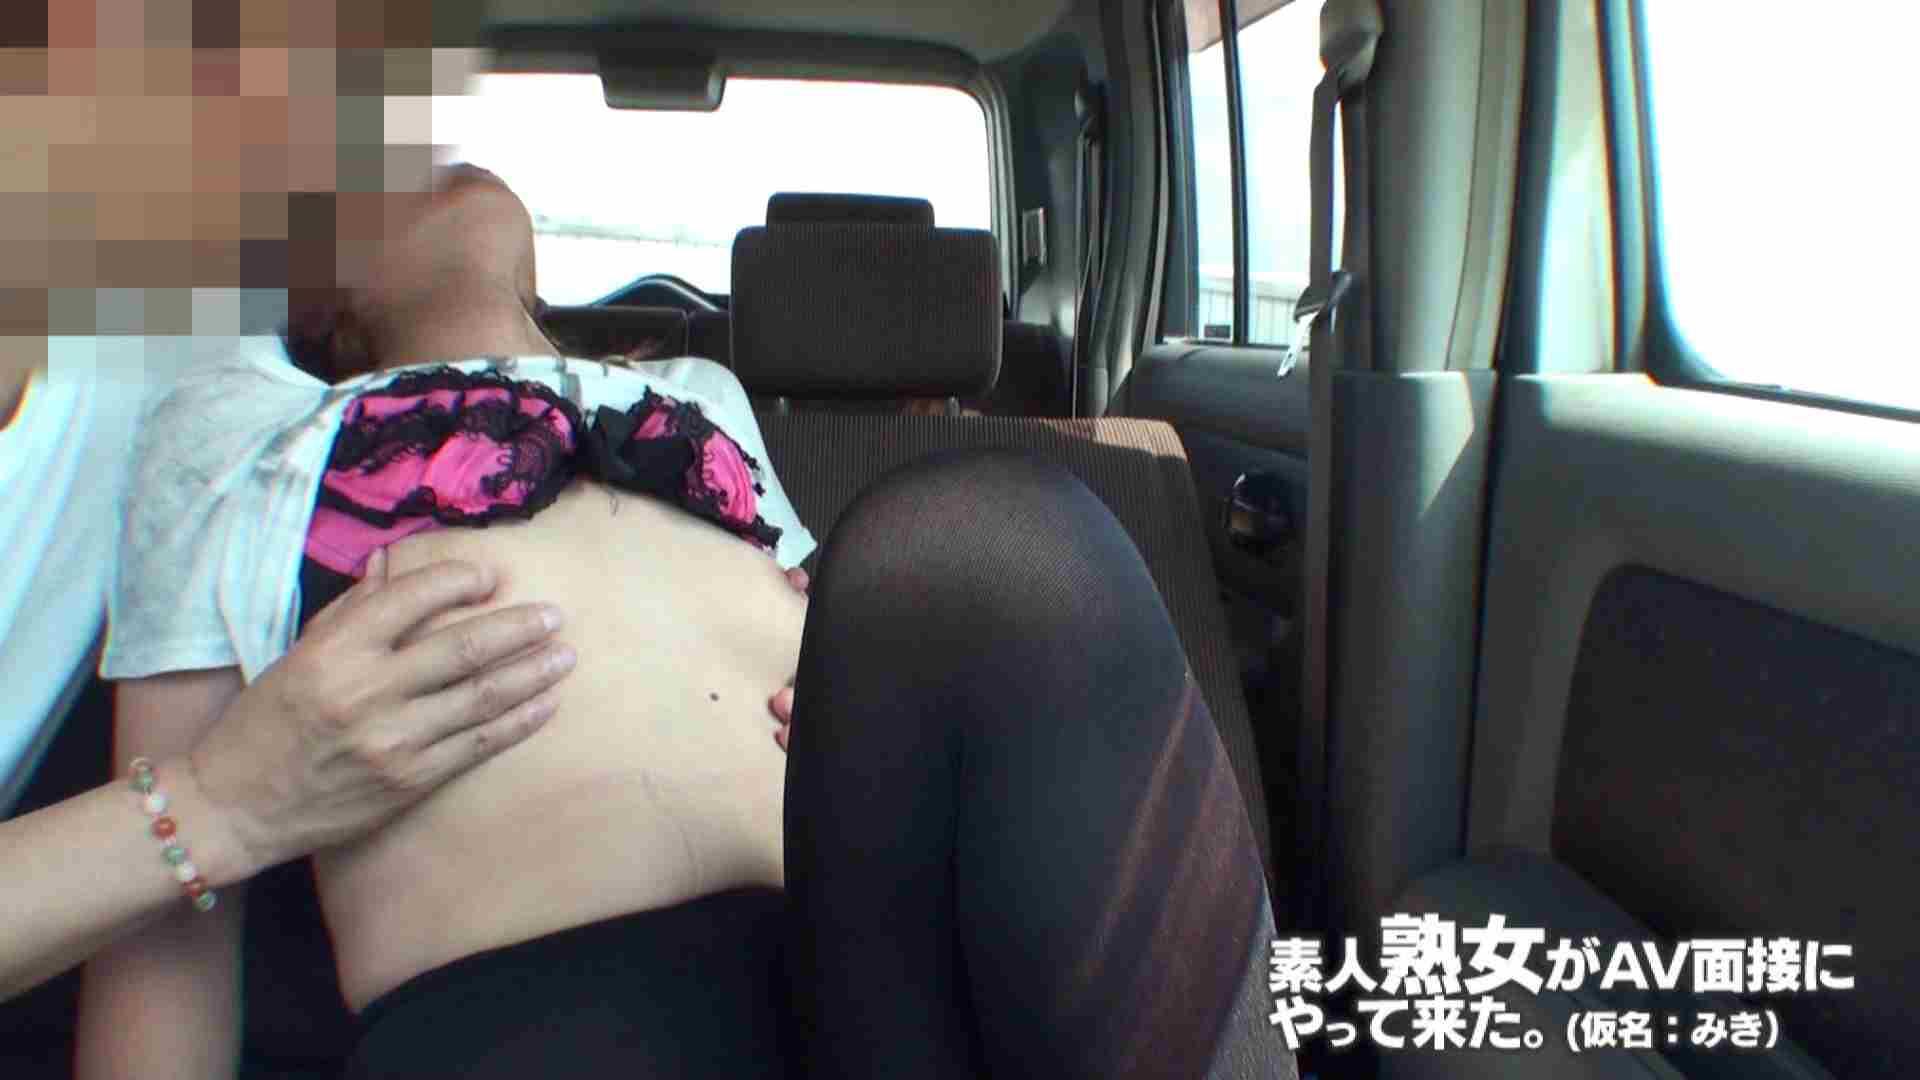 素人熟女がAV面接にやってきた (熟女)みきさんVOL.02 車 | 熟女の裸体  84画像 75